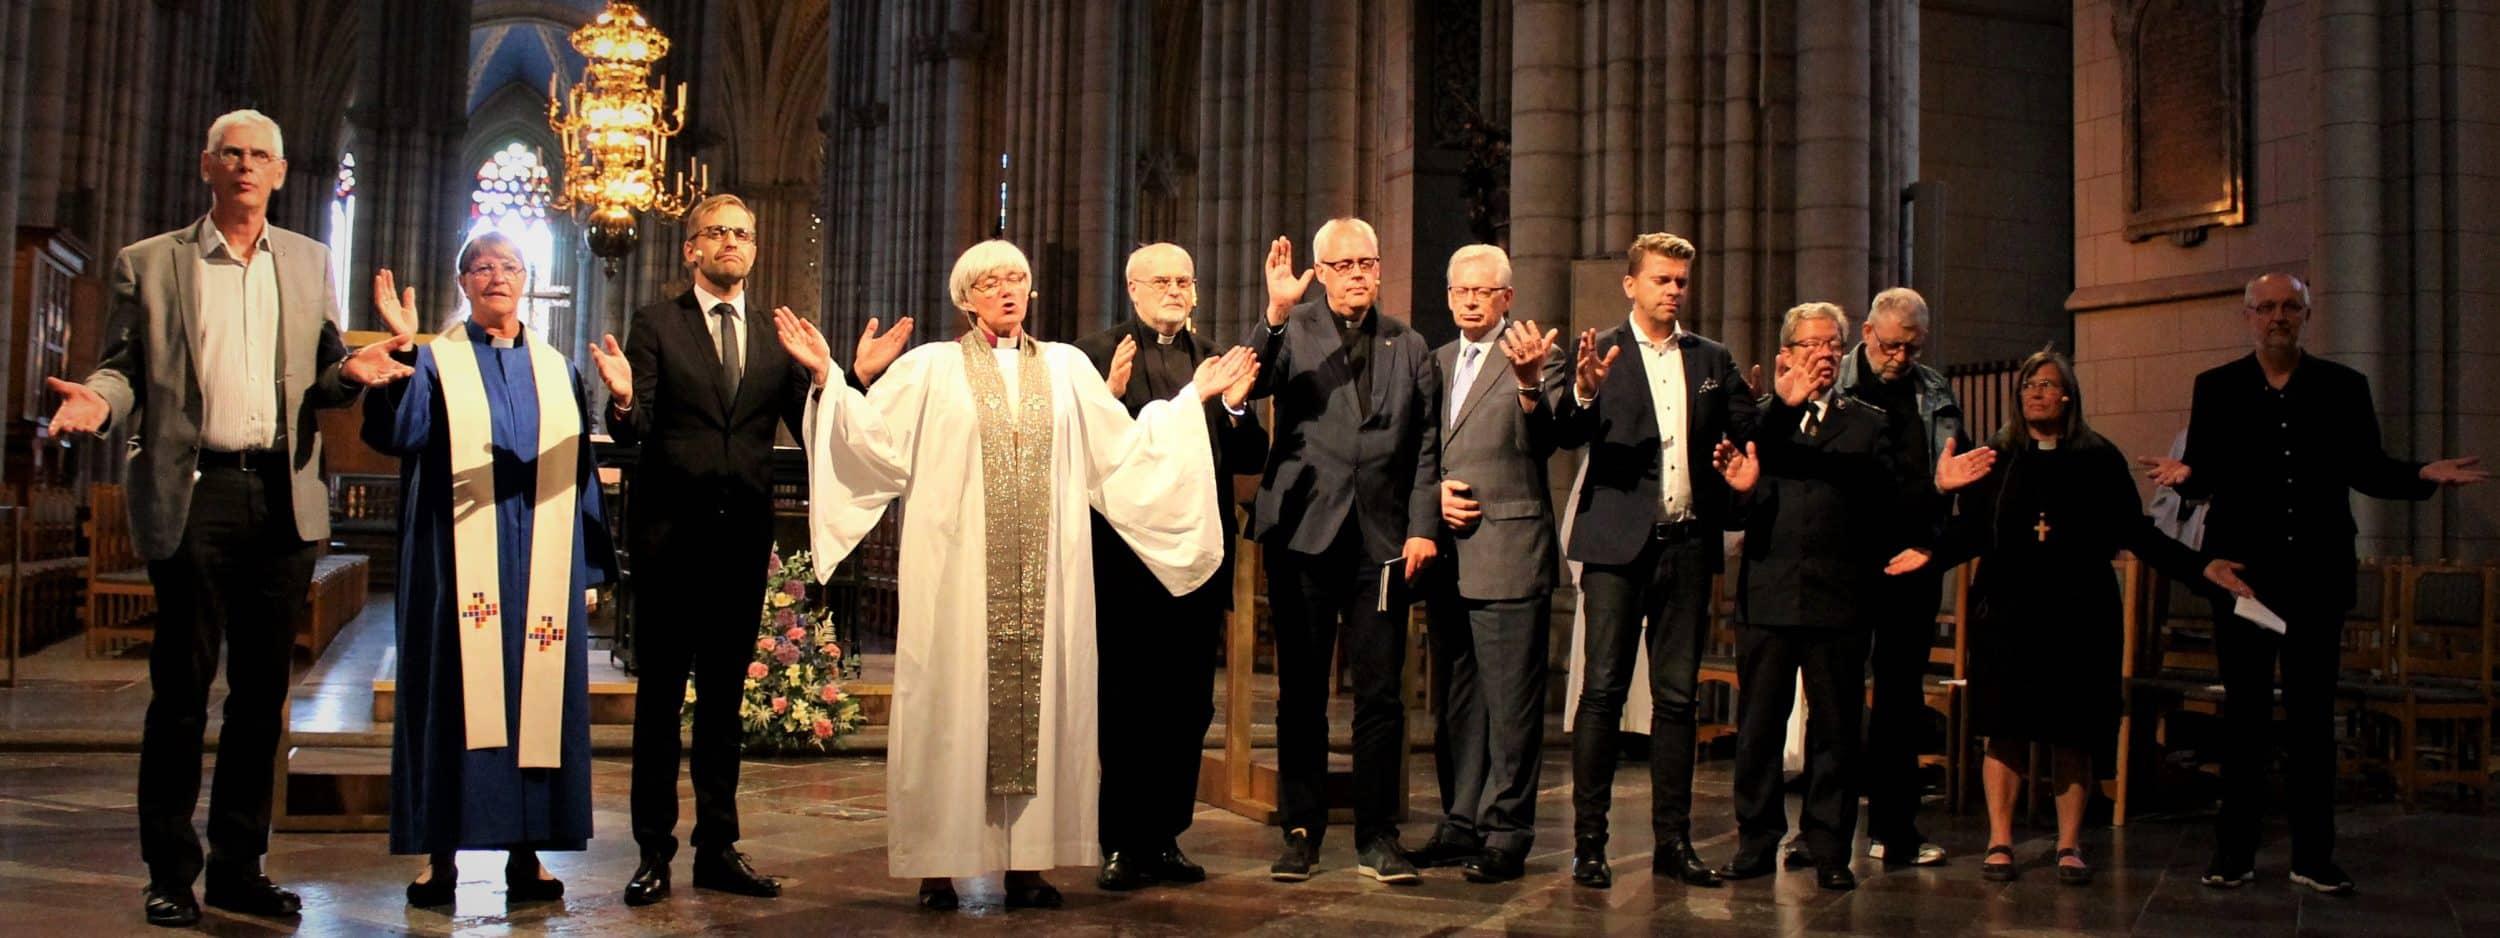 Vad är ekumenik?